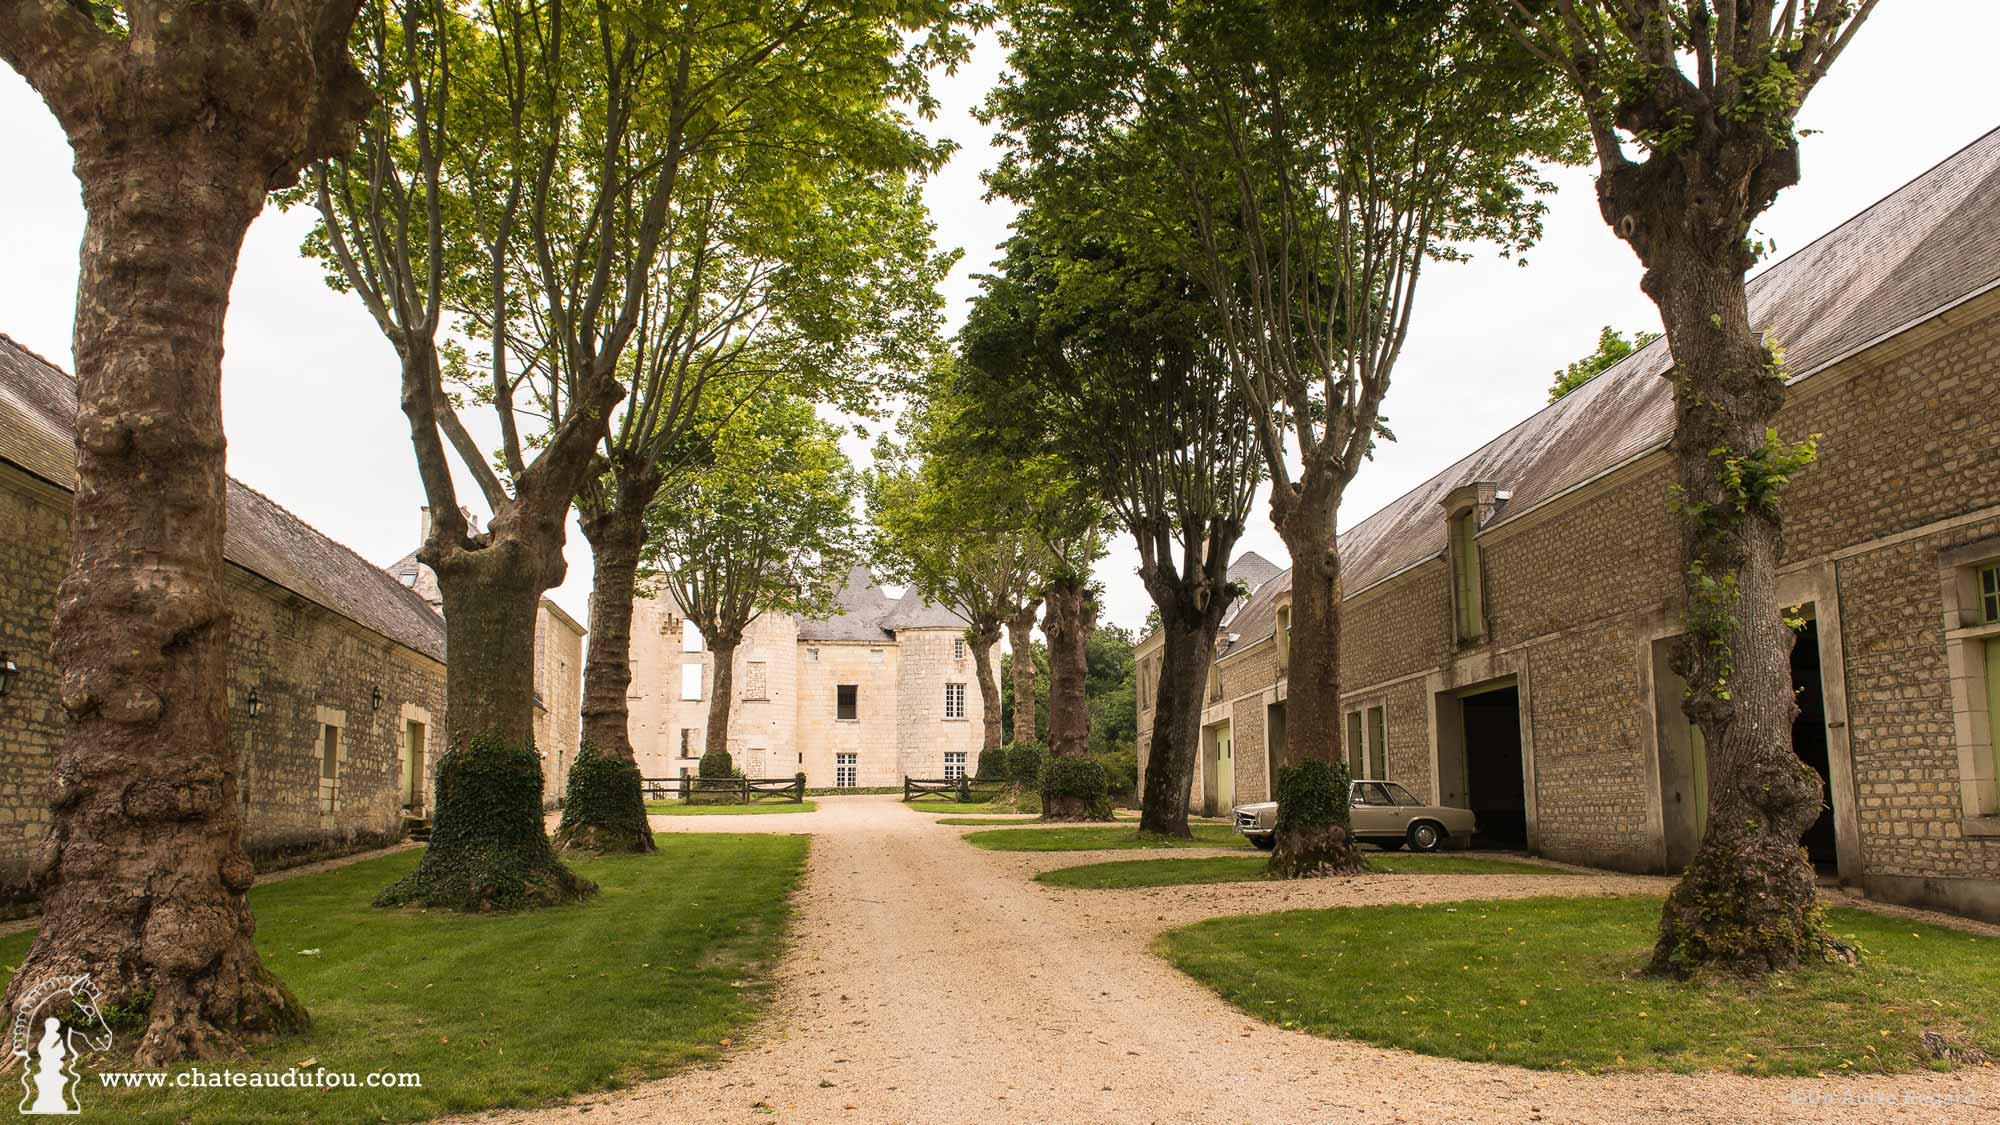 chateau-du-fou-salle-de-reception-tours-06.jpg